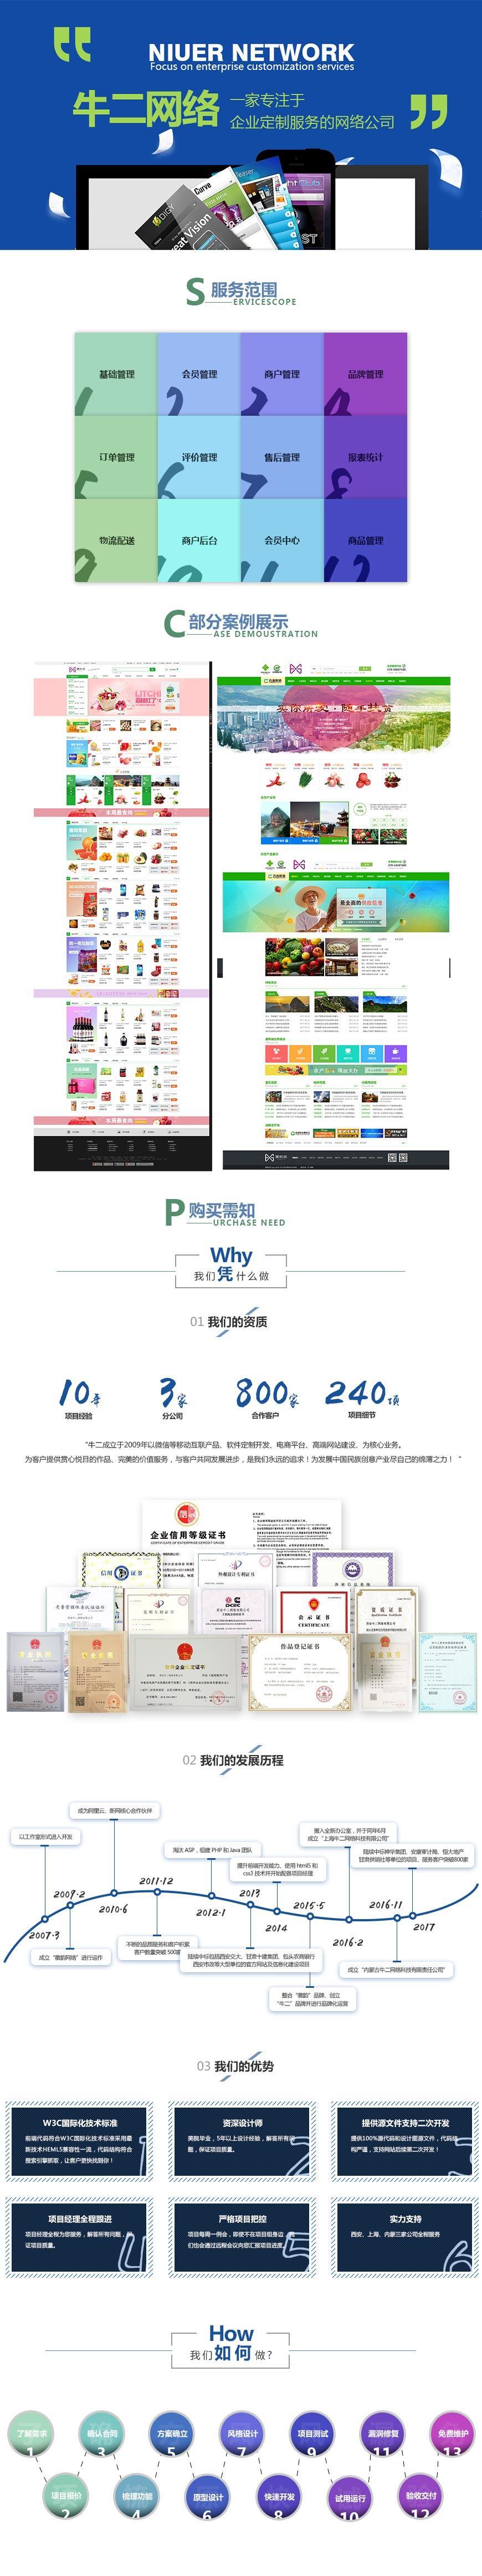 02电商平台开发.jpg